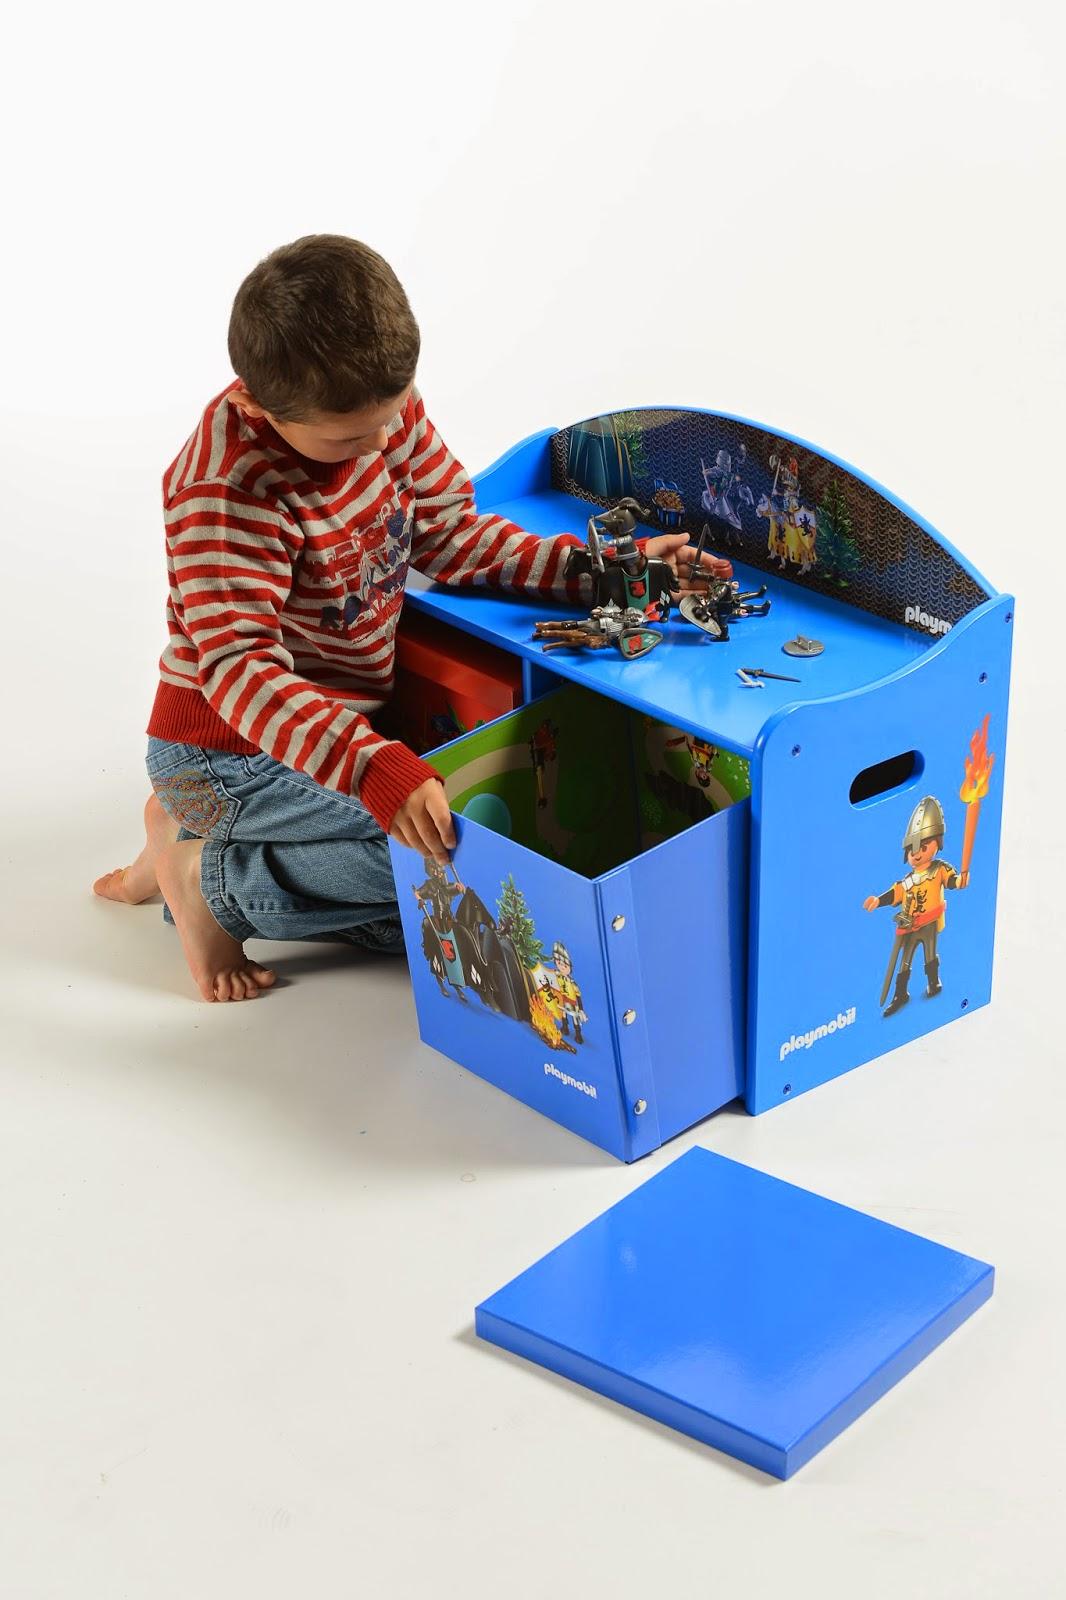 les petites m ces rangements playmobil pratiques et ludiques. Black Bedroom Furniture Sets. Home Design Ideas